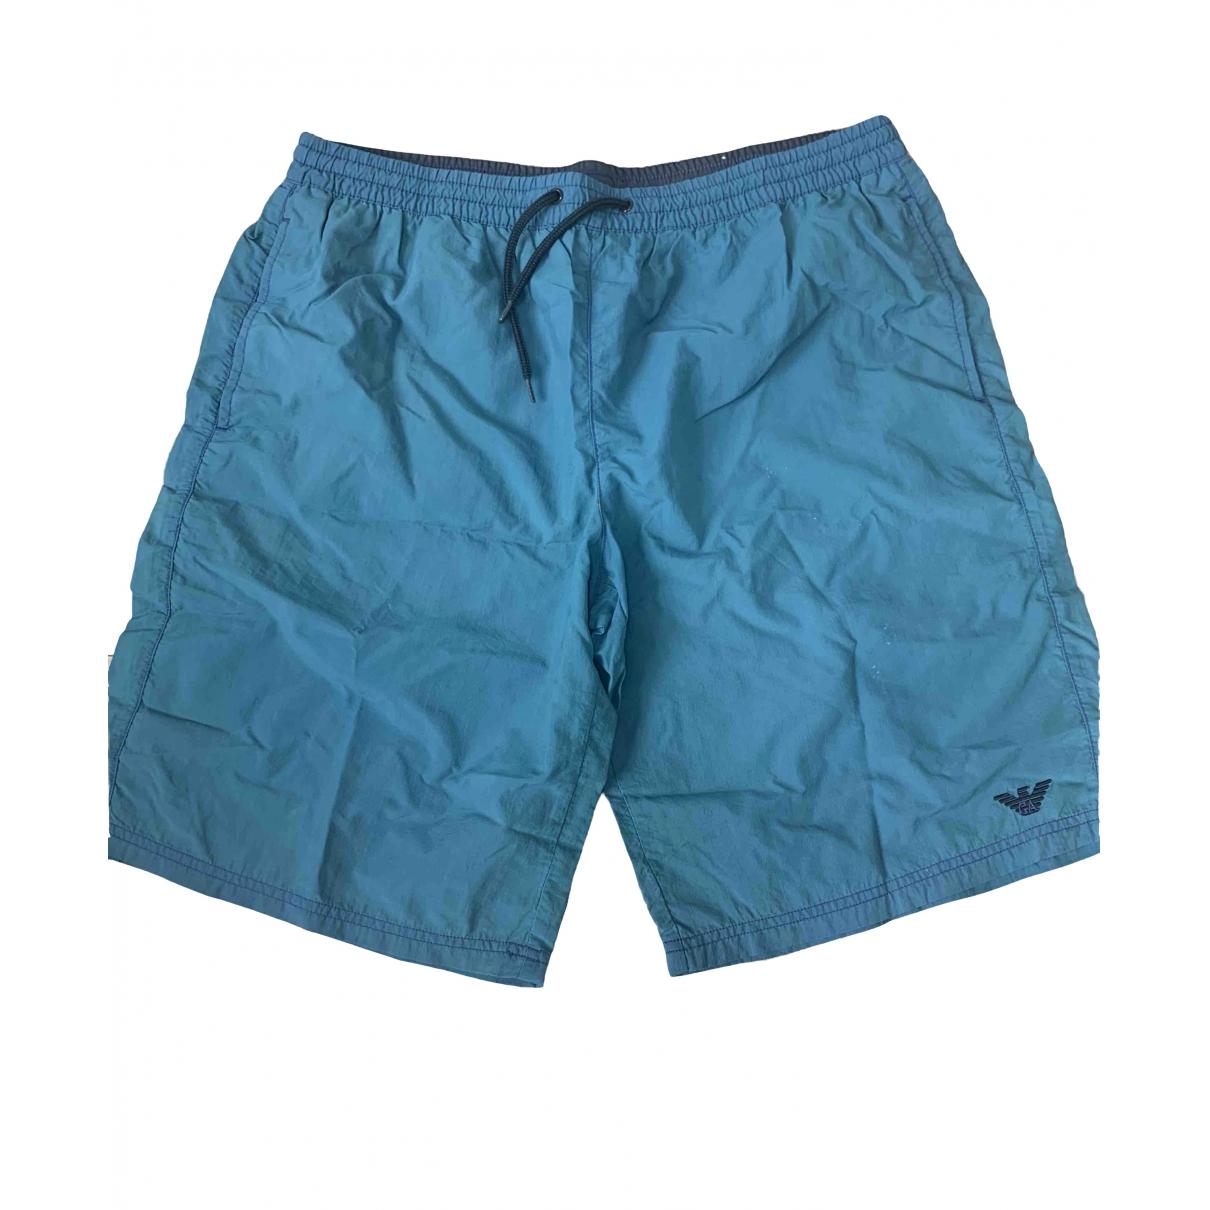 Emporio Armani \N Badeanzug in  Blau Synthetik